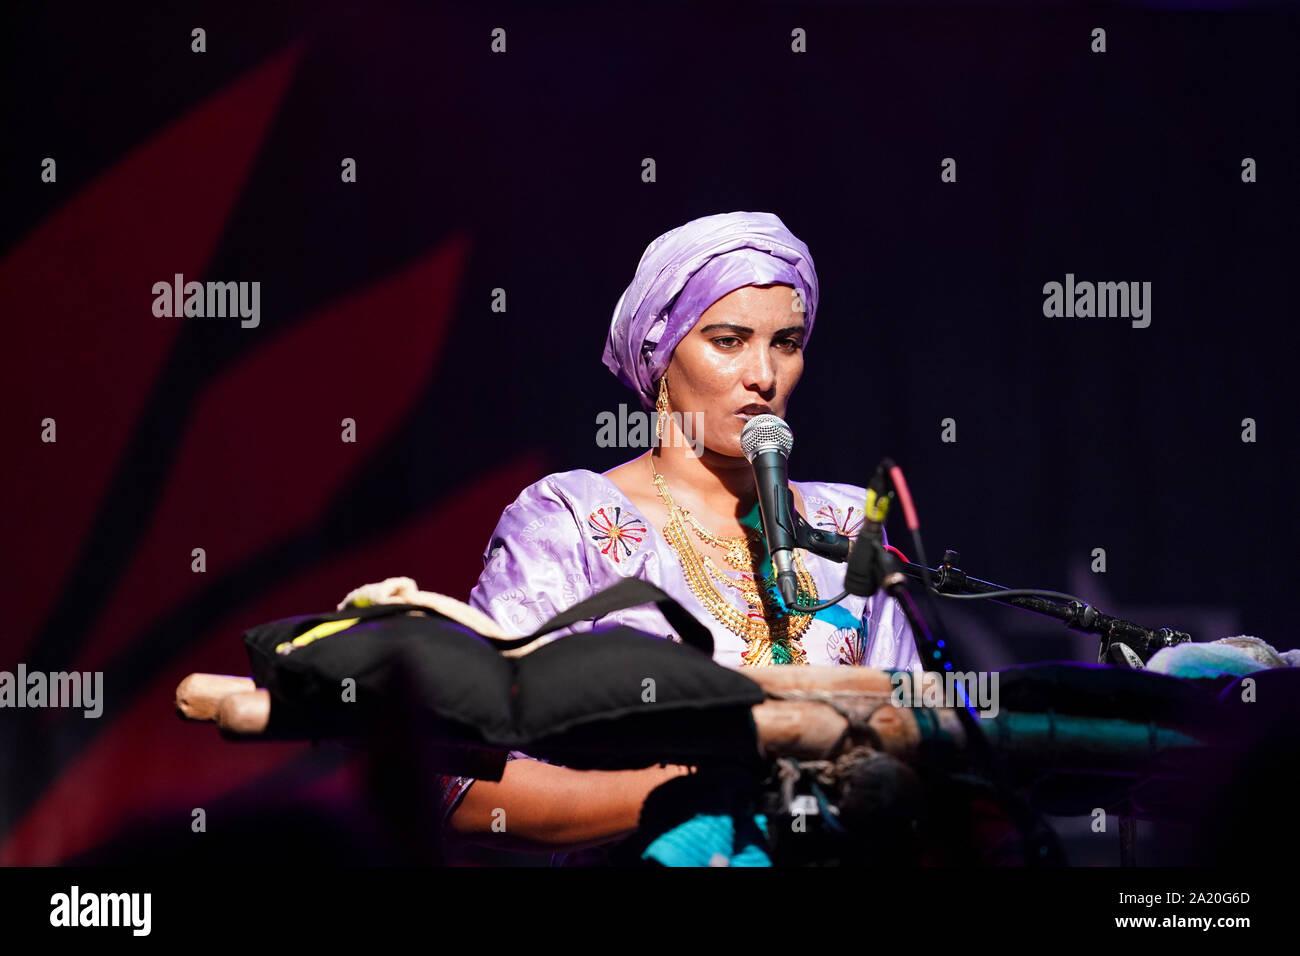 Alamnou Akrouni Stockfotos und  bilder Kaufen   Alamy